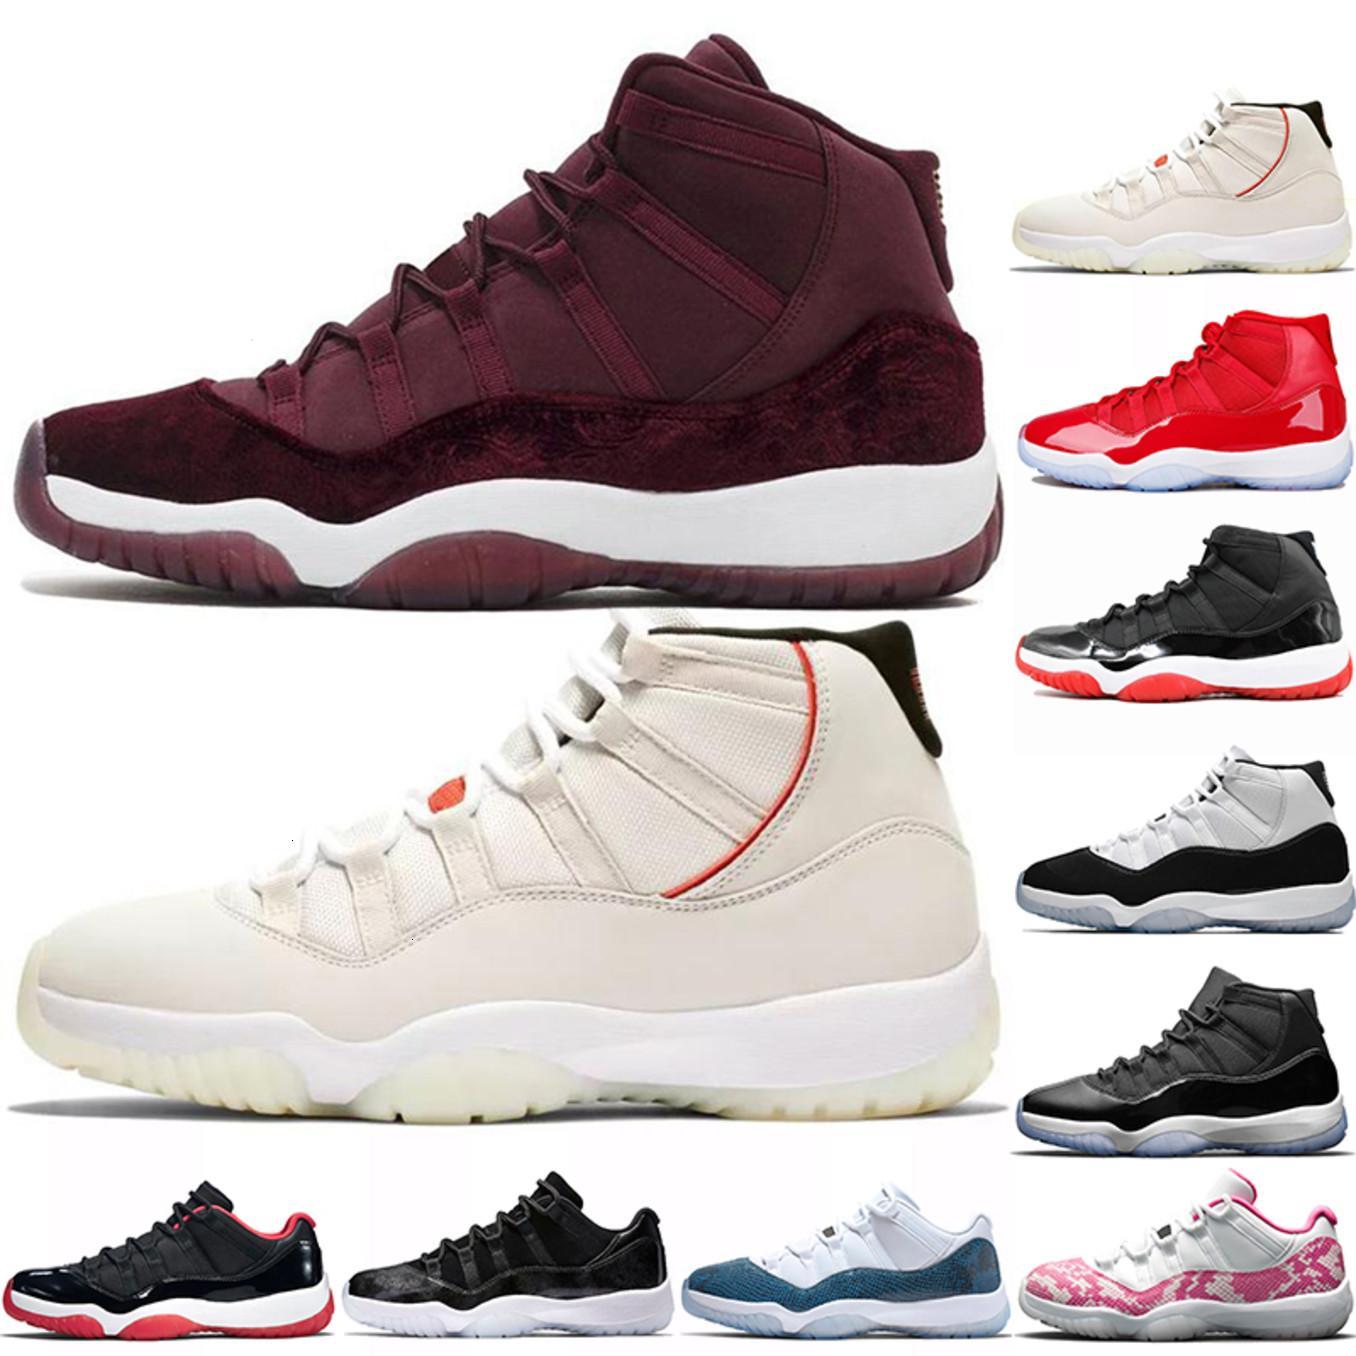 nike jordan 11 11 Баскетбольная обувь Разводят 23 Concord 45 Платиновый Оттенок Space Jam Gym Red Win Как 96 XI AirРетроИордания 11s Дизайнерские кроссовки